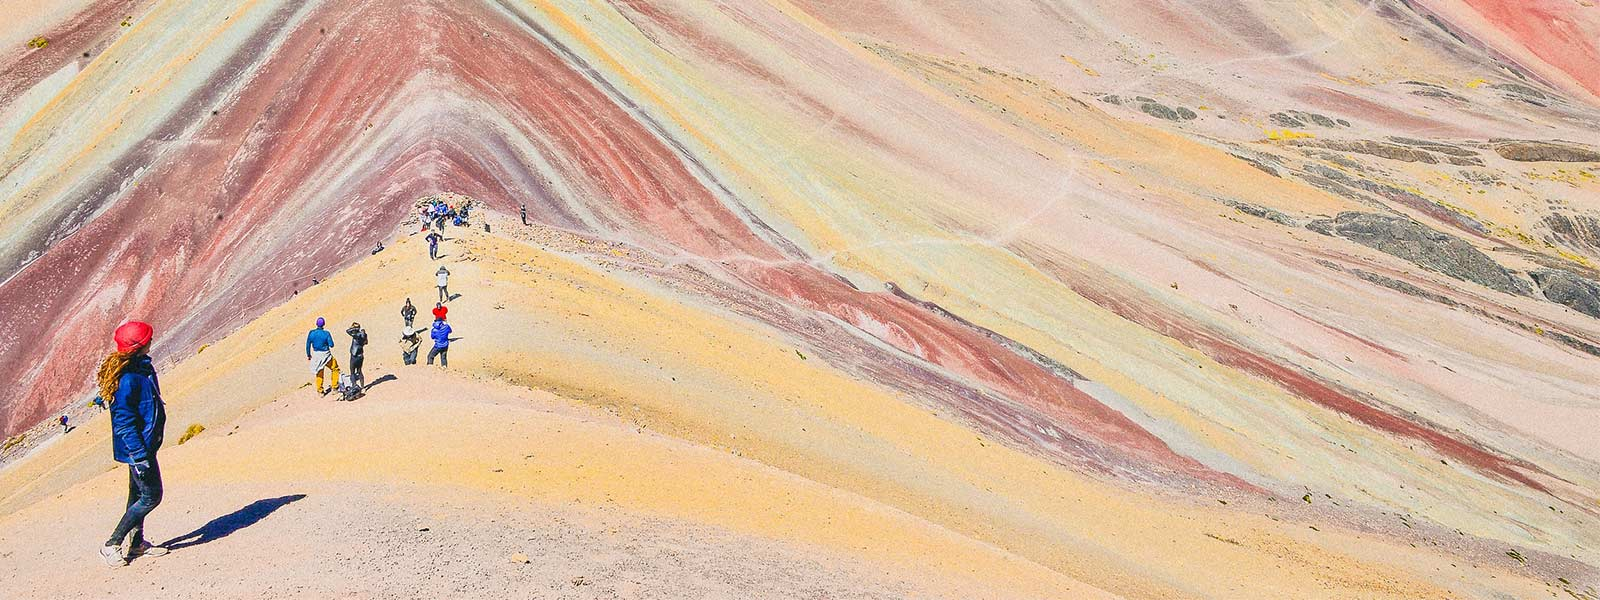 De prachtige kleuren van de regenboog berg in Peru